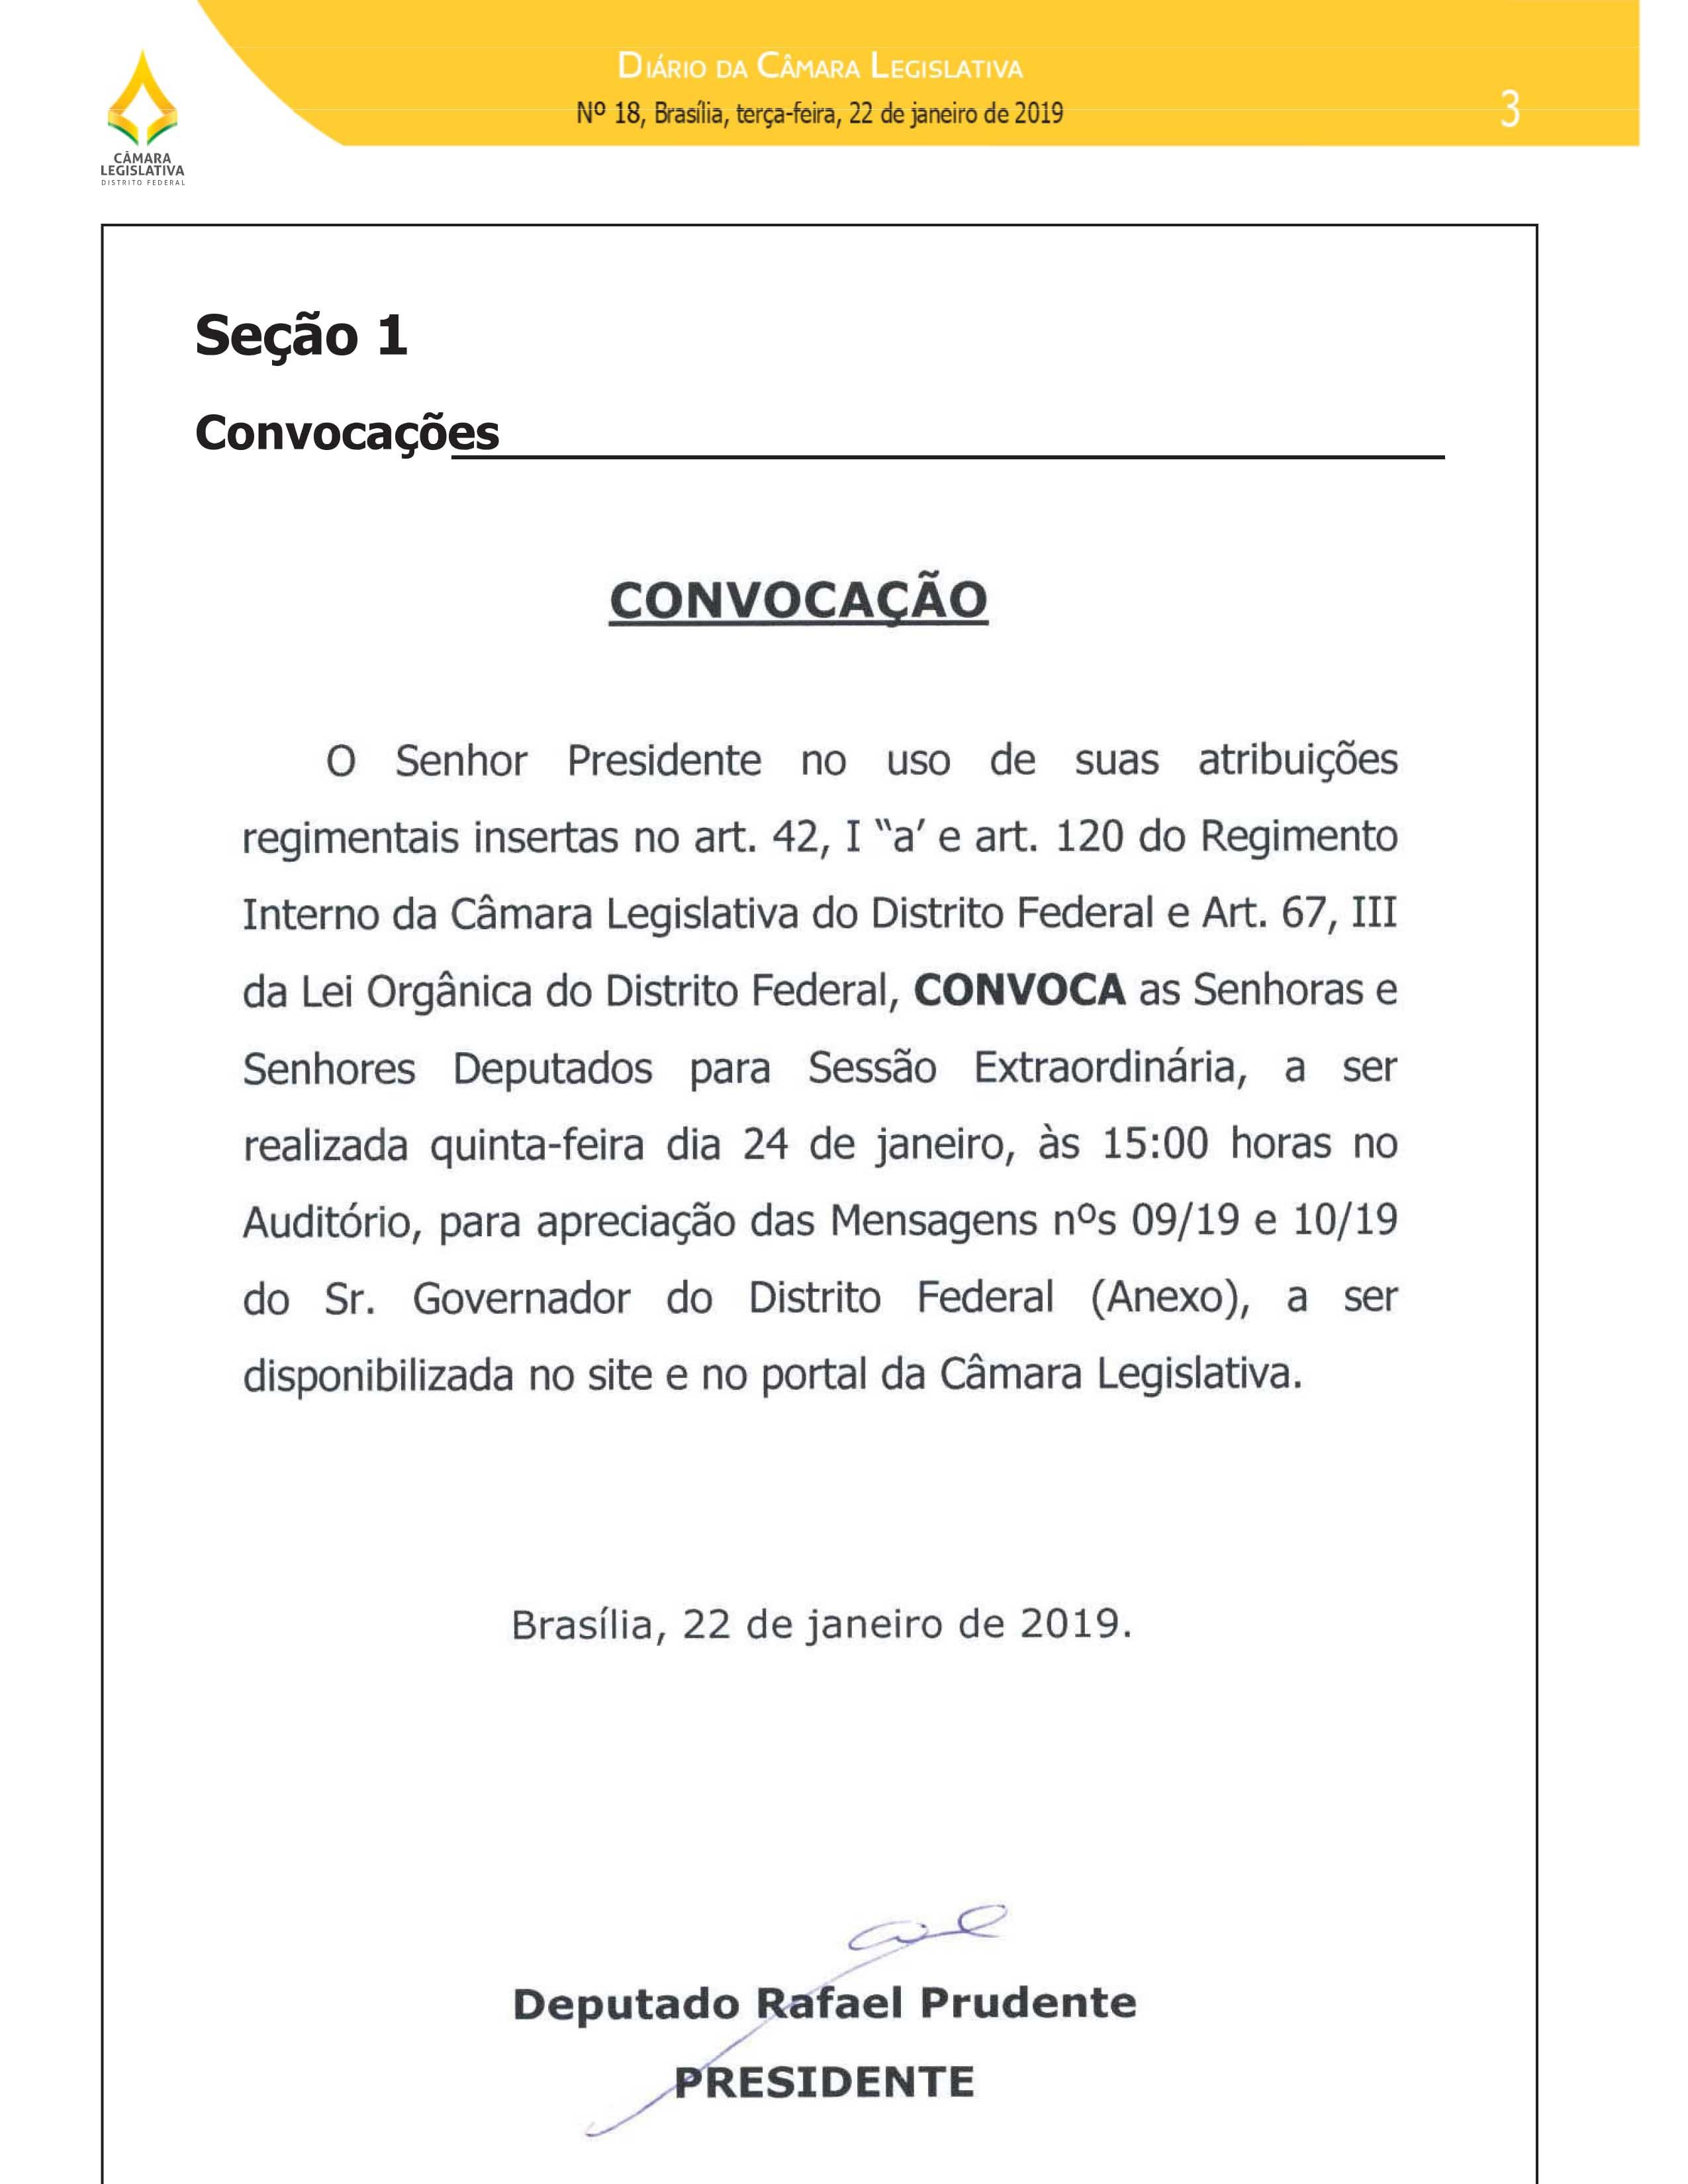 CONVOCACAO (1).jpg